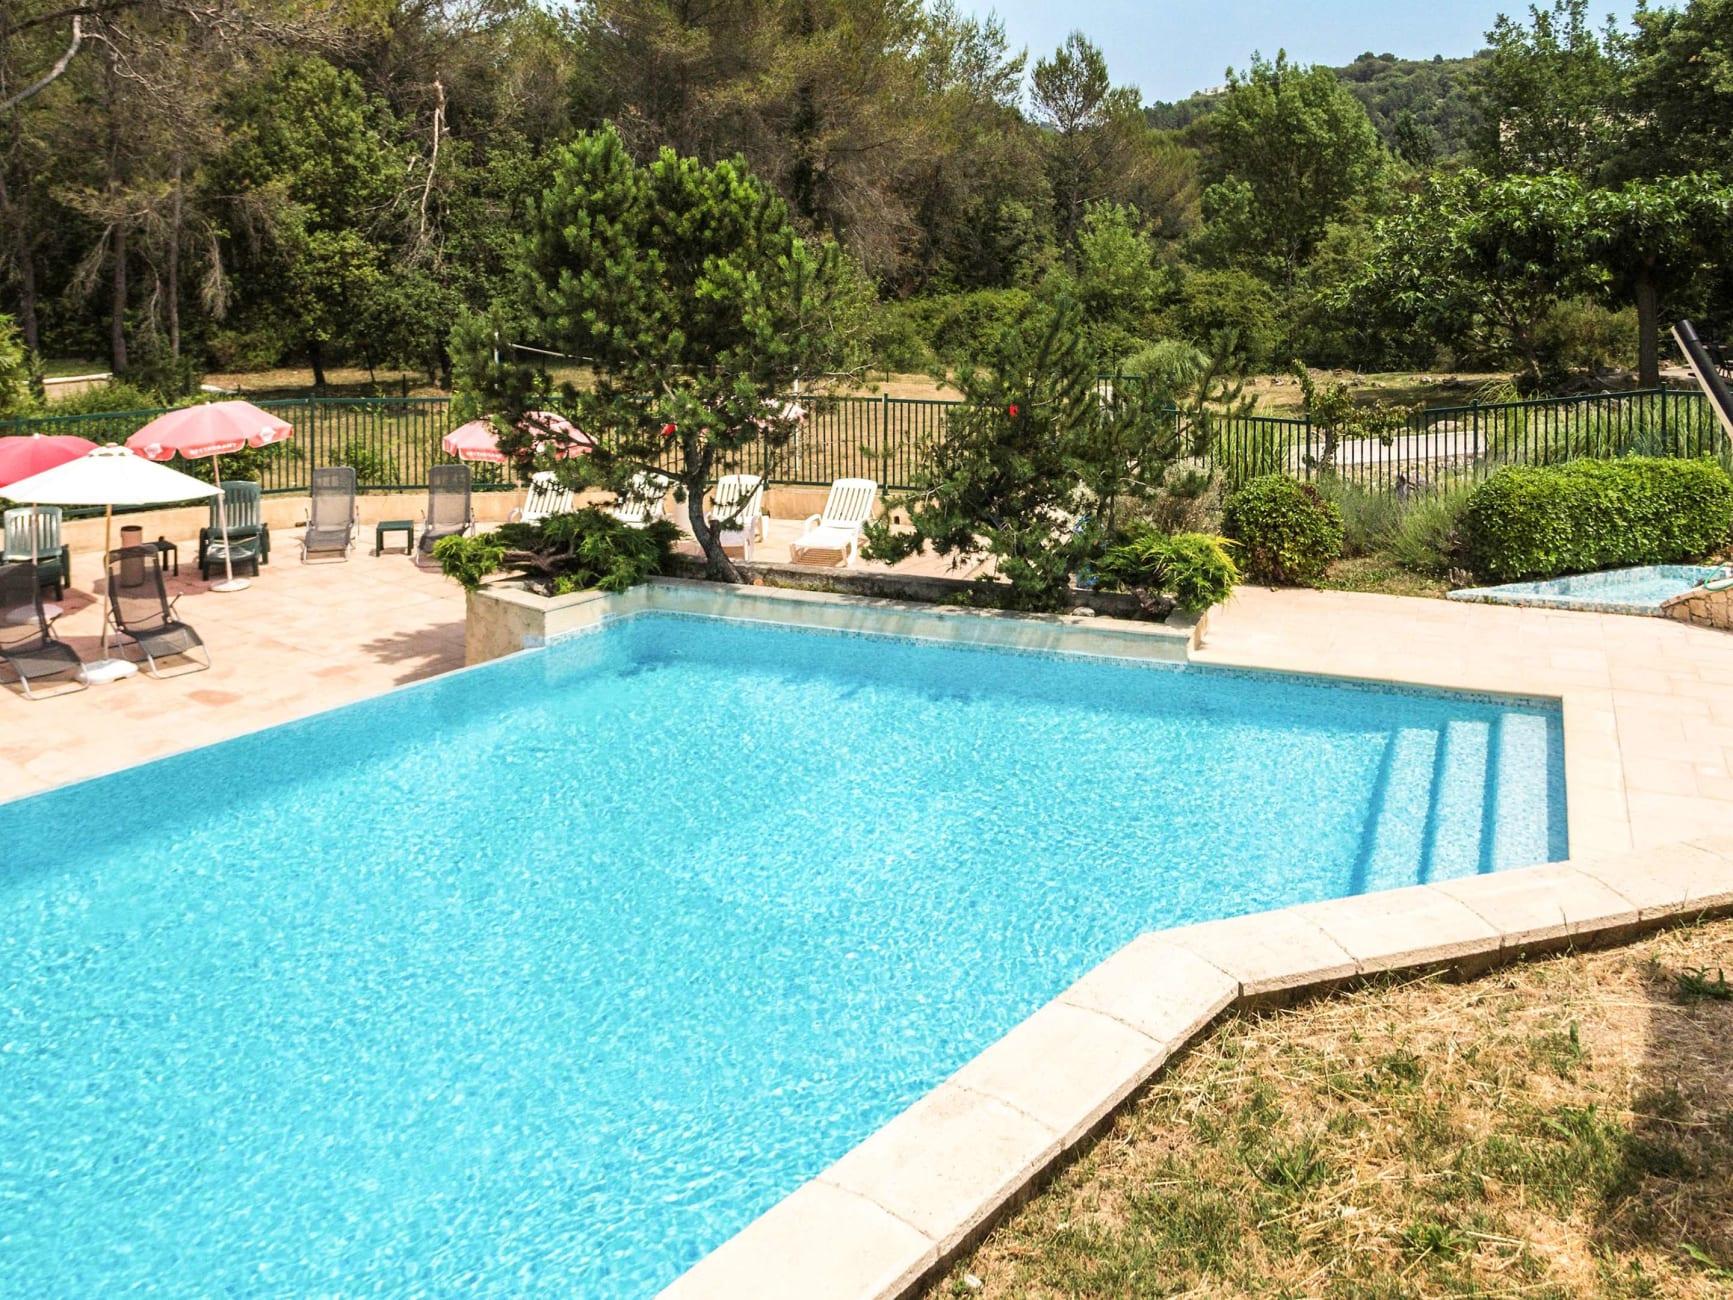 Otel Hotel Ibis Antibes Sophia Antipolis, Sophia Antipolis ... concernant Piscine Sophia Antipolis